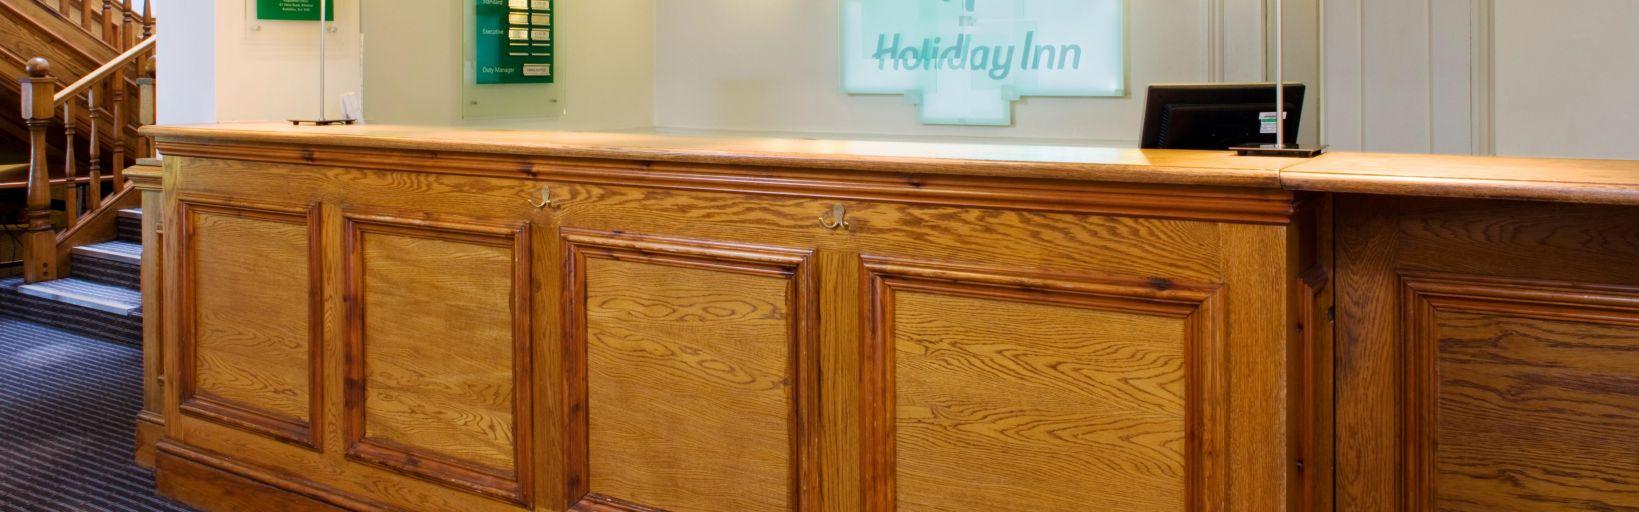 Holiday Inn Ashford - Central Hotel by IHG